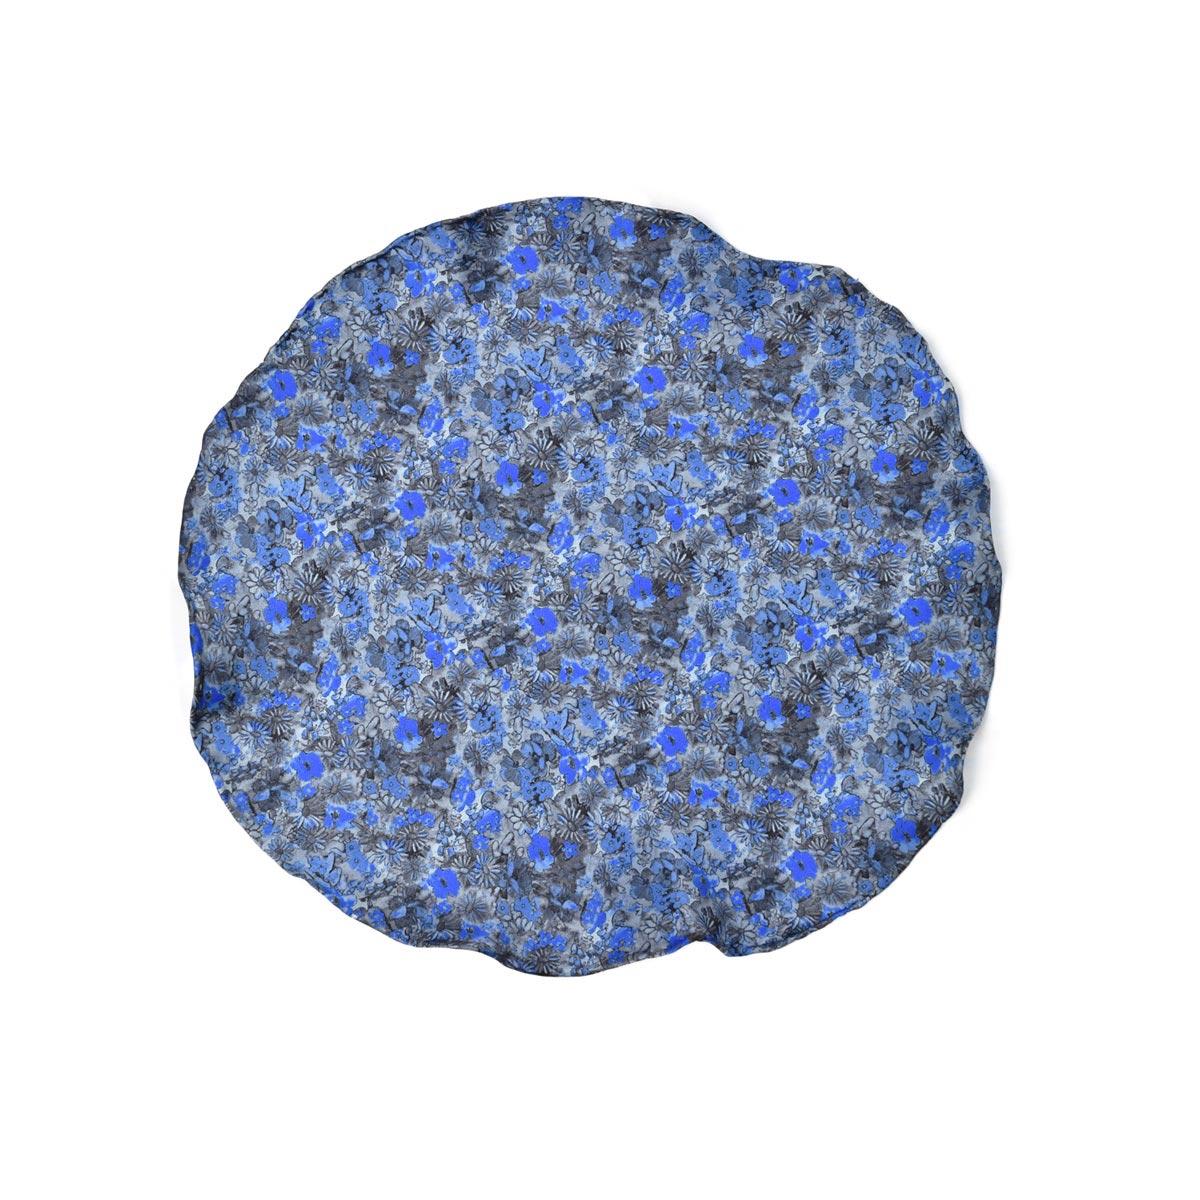 DOLCEPUNTA【ドルチェプンタ】ポケットチーフ 31×31 FAZZOLETTO-P2001 6 シルク フラワー ブルー